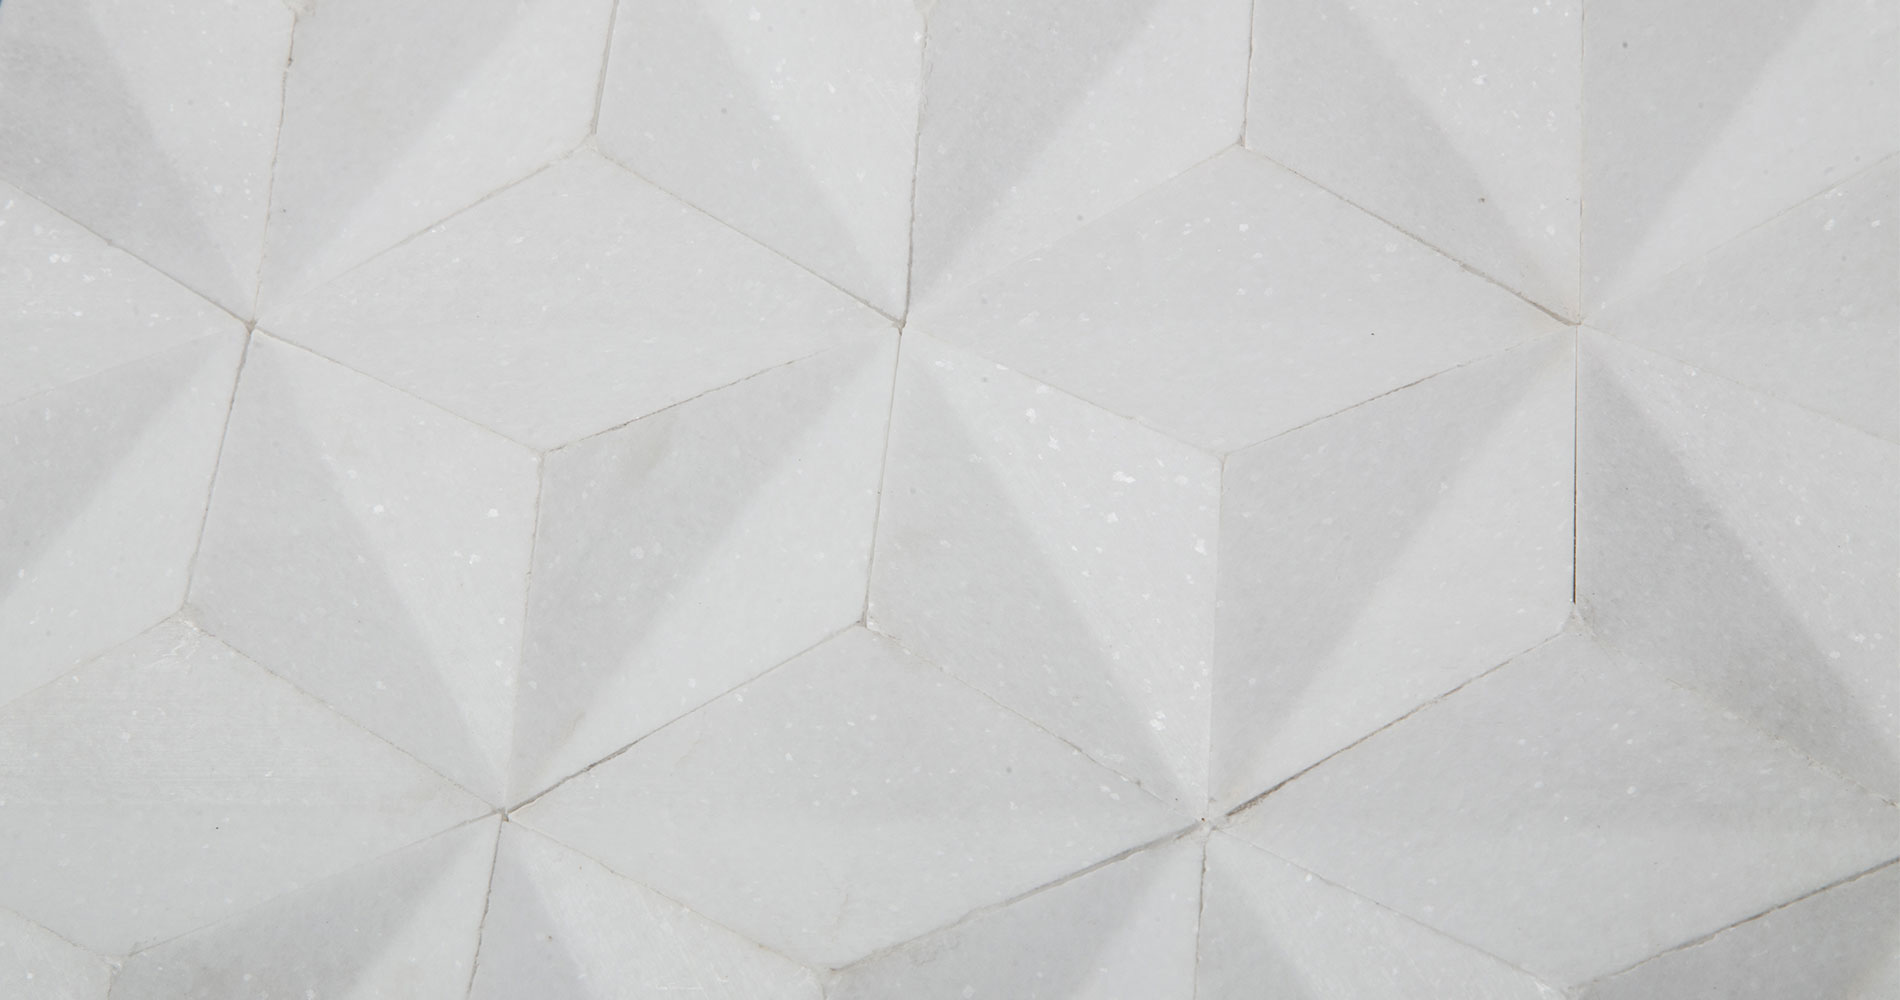 centurymosaic-white-thassos-3D-Rhombus-Marble-Mosaic-Tile-2